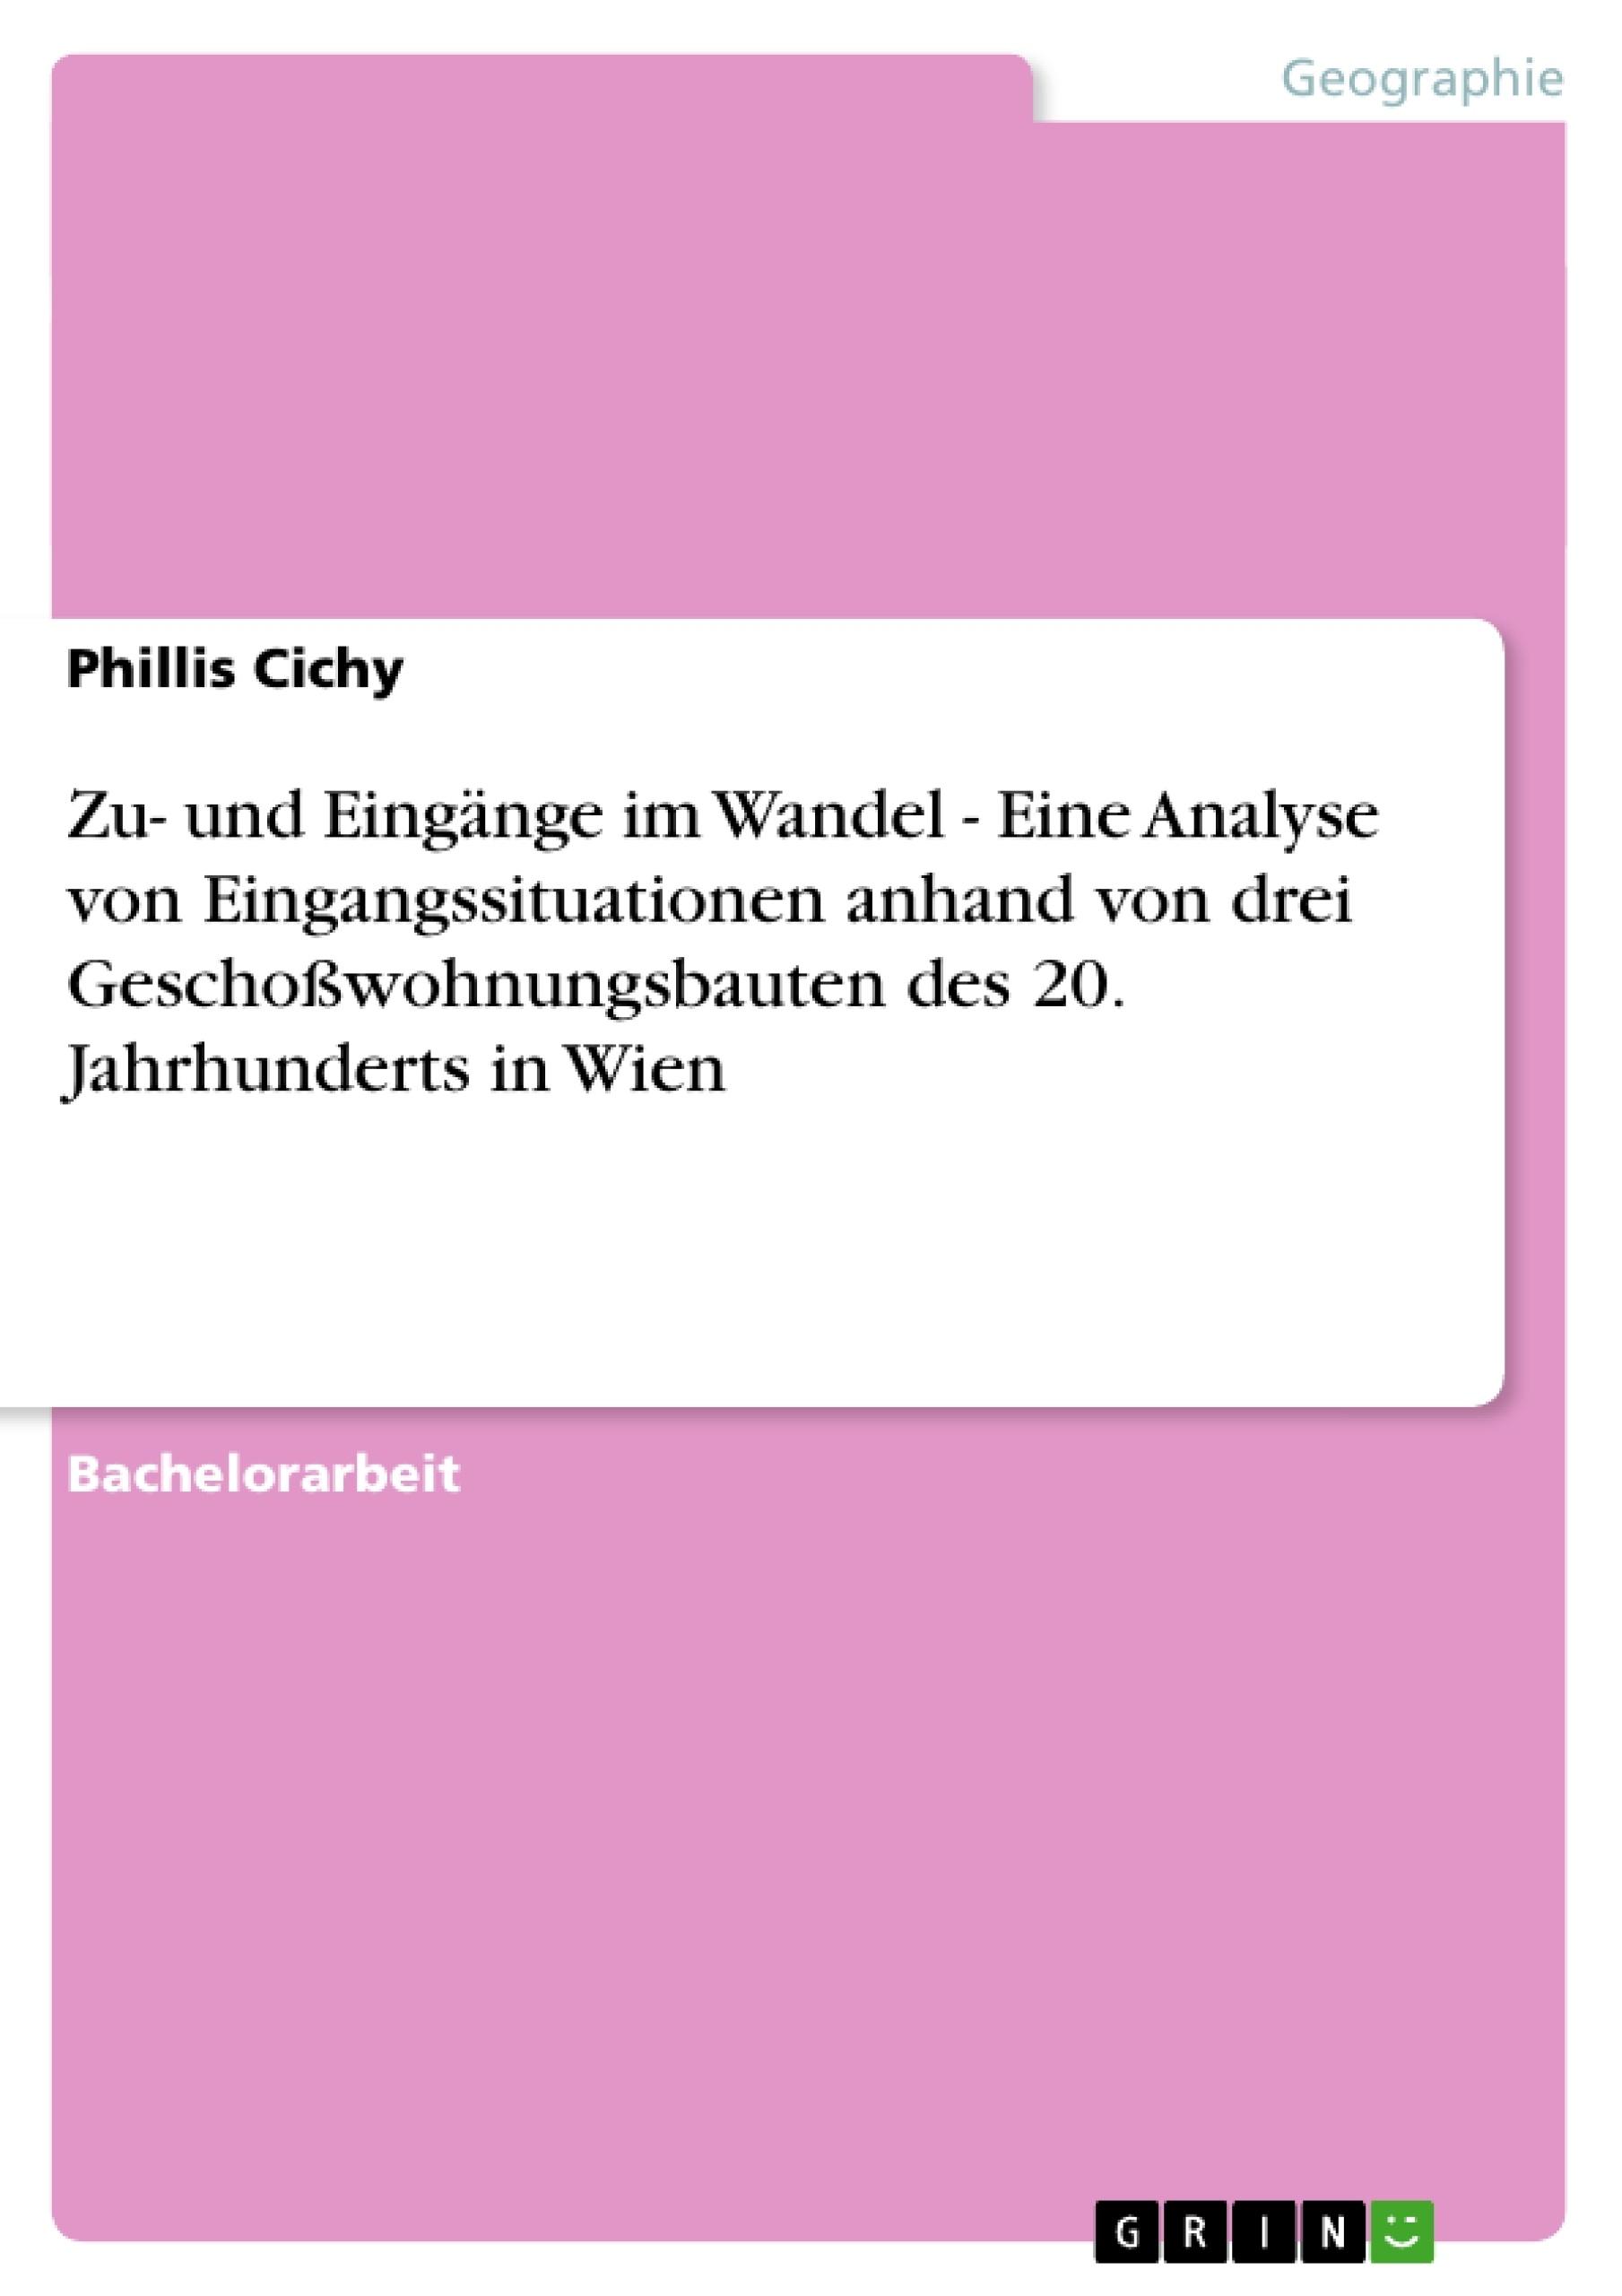 Titel: Zu- und Eingänge im Wandel - Eine Analyse von Eingangssituationen anhand  von drei Geschoßwohnungsbauten des 20. Jahrhunderts in Wien